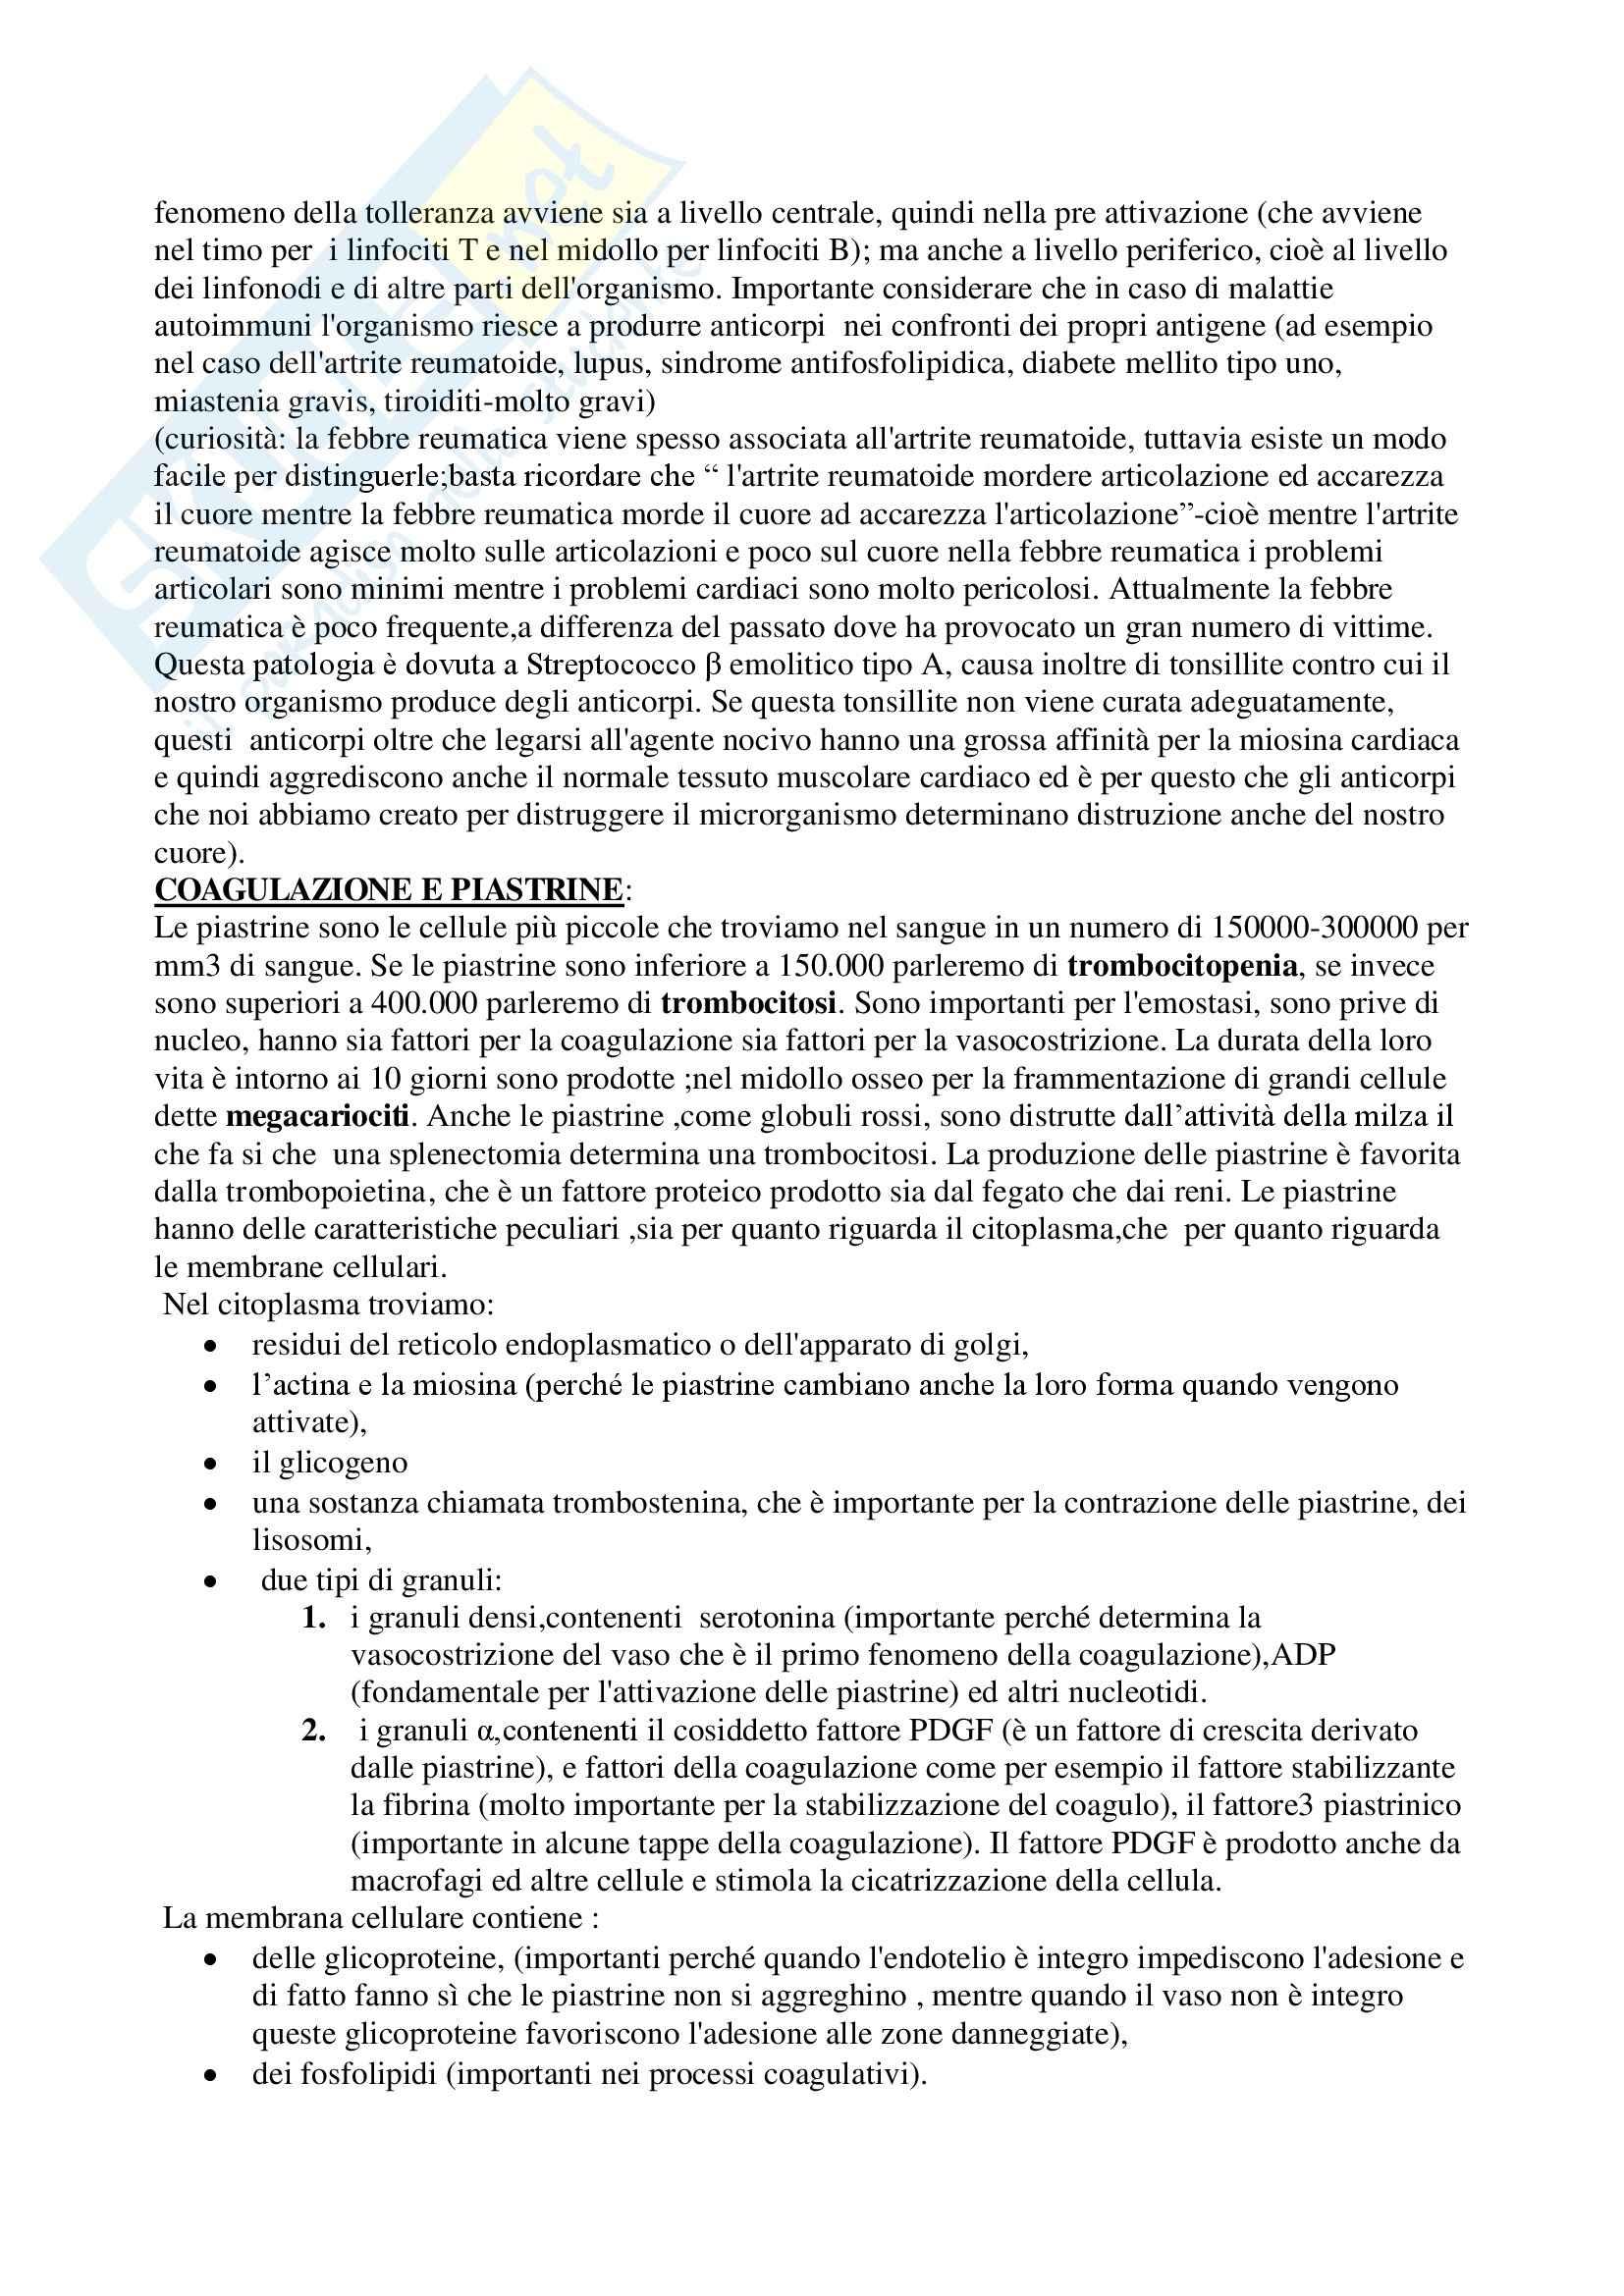 Fisiologia umana I - immunità, coagulazione e piastrine Pag. 6